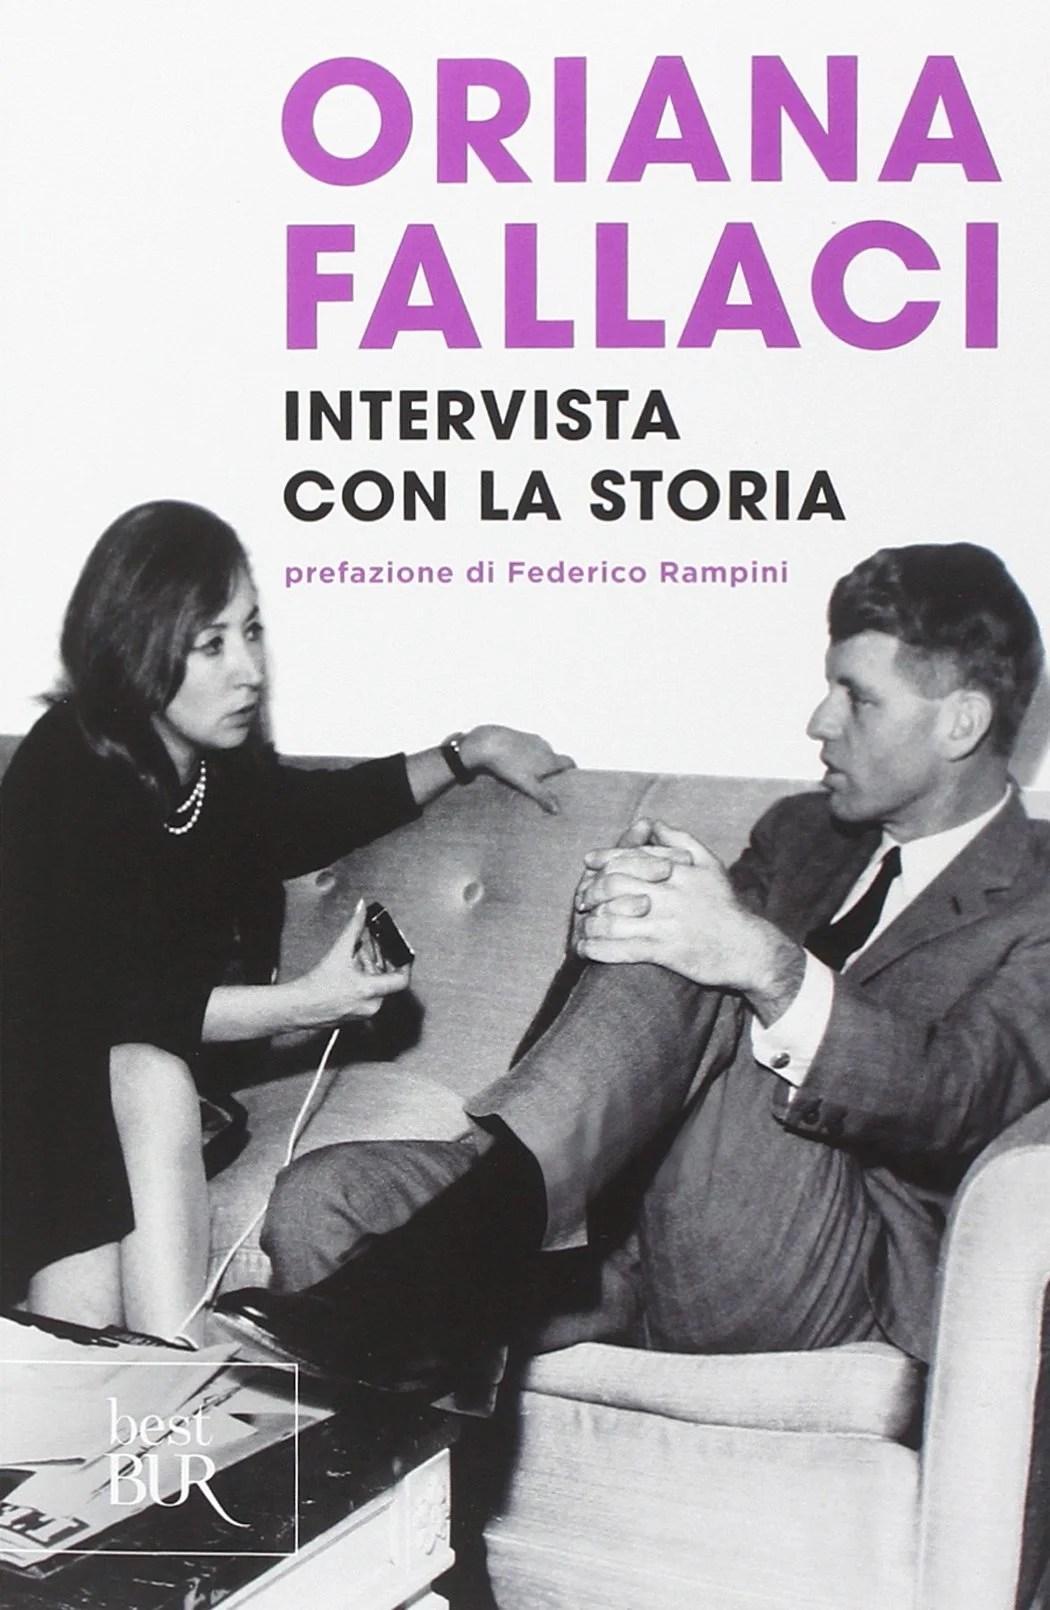 Recensione di Intervista Con La Storia – Oriana Fallaci